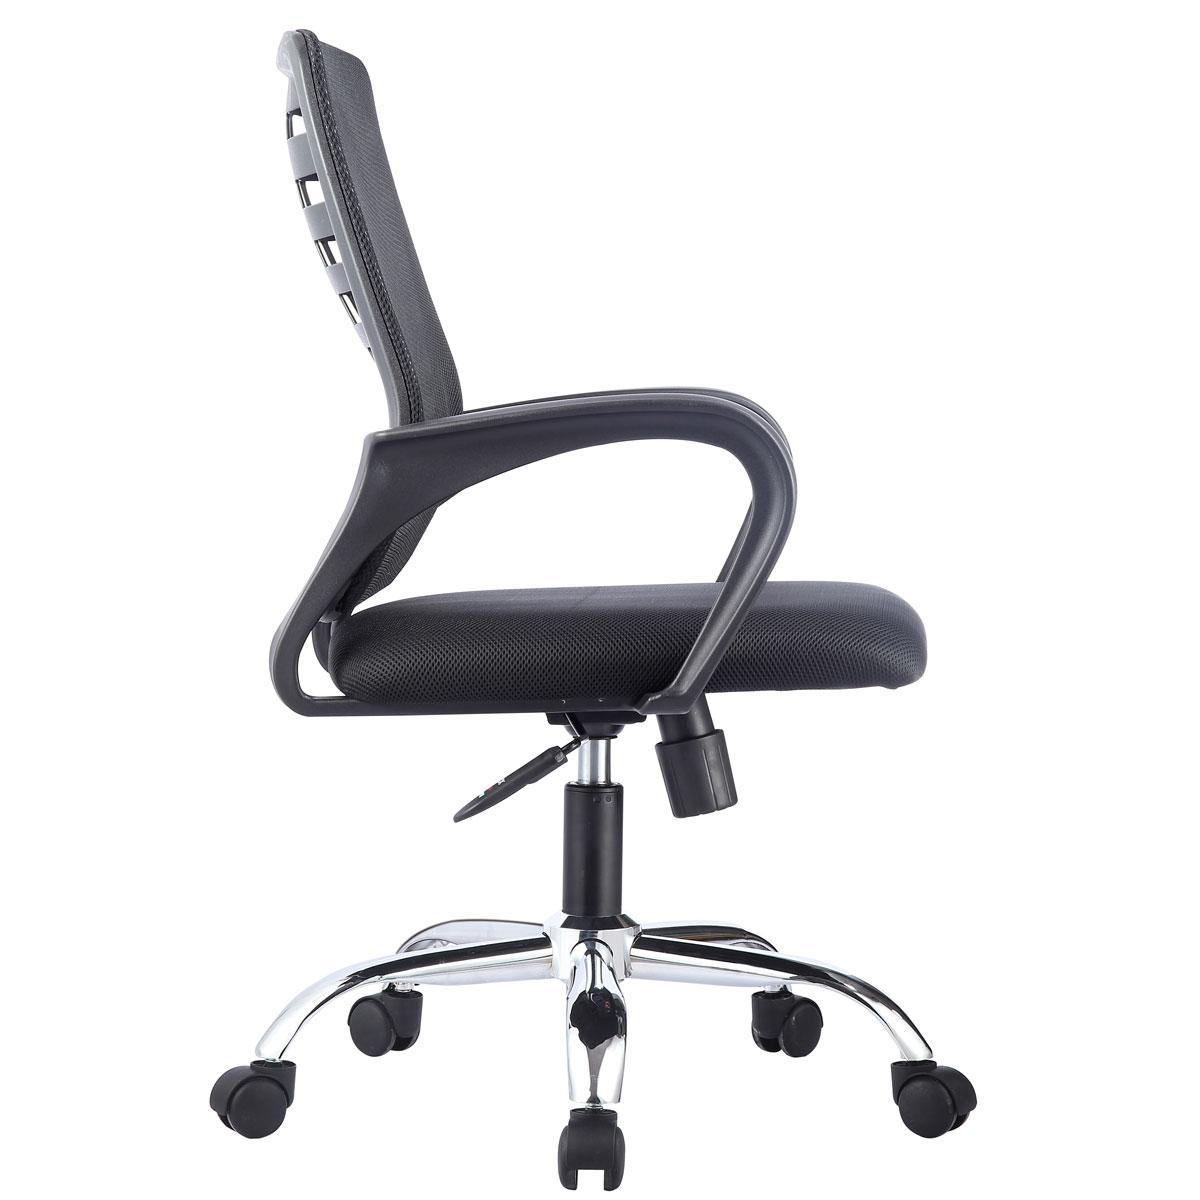 כיסא משרדי אורטופדי מעוצב ונוח דגם Bosco לחוויית ישיבה מפנקת BRADEX - תמונה 3